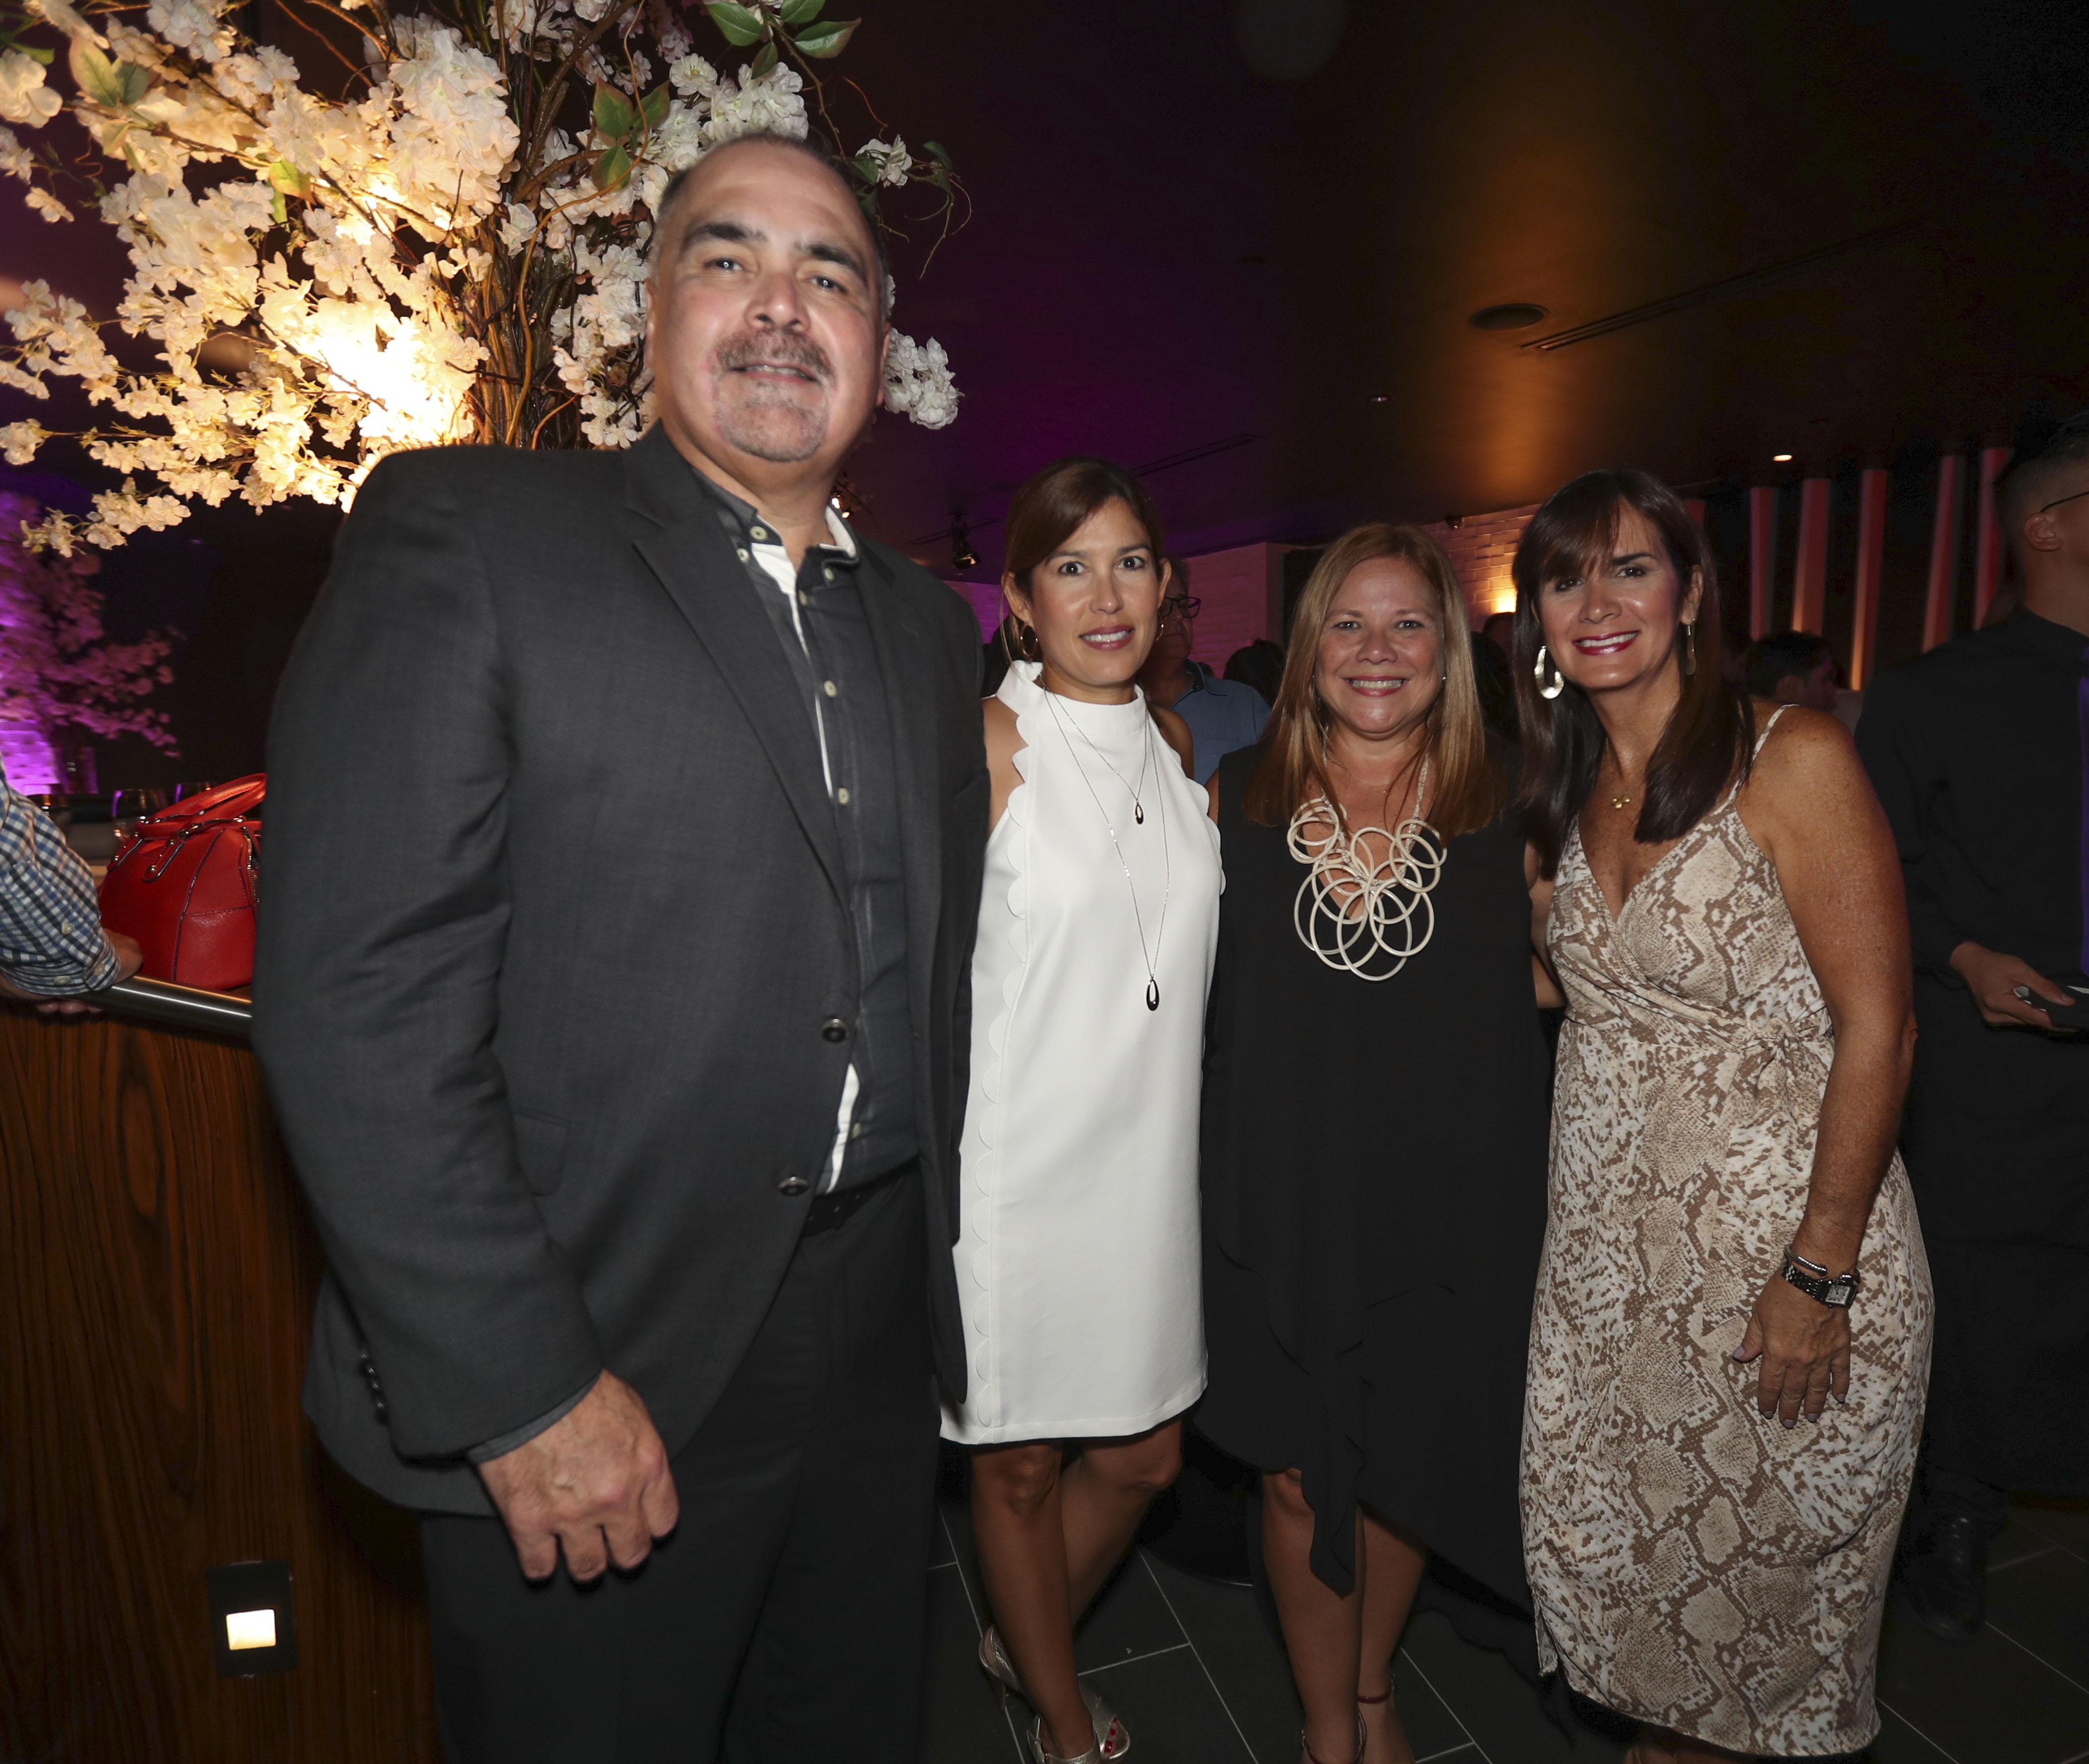 Francisco Oramas, Beatriz Vivas, Nelly Cruz y Mari Tere Cadilla. (Suministrada)